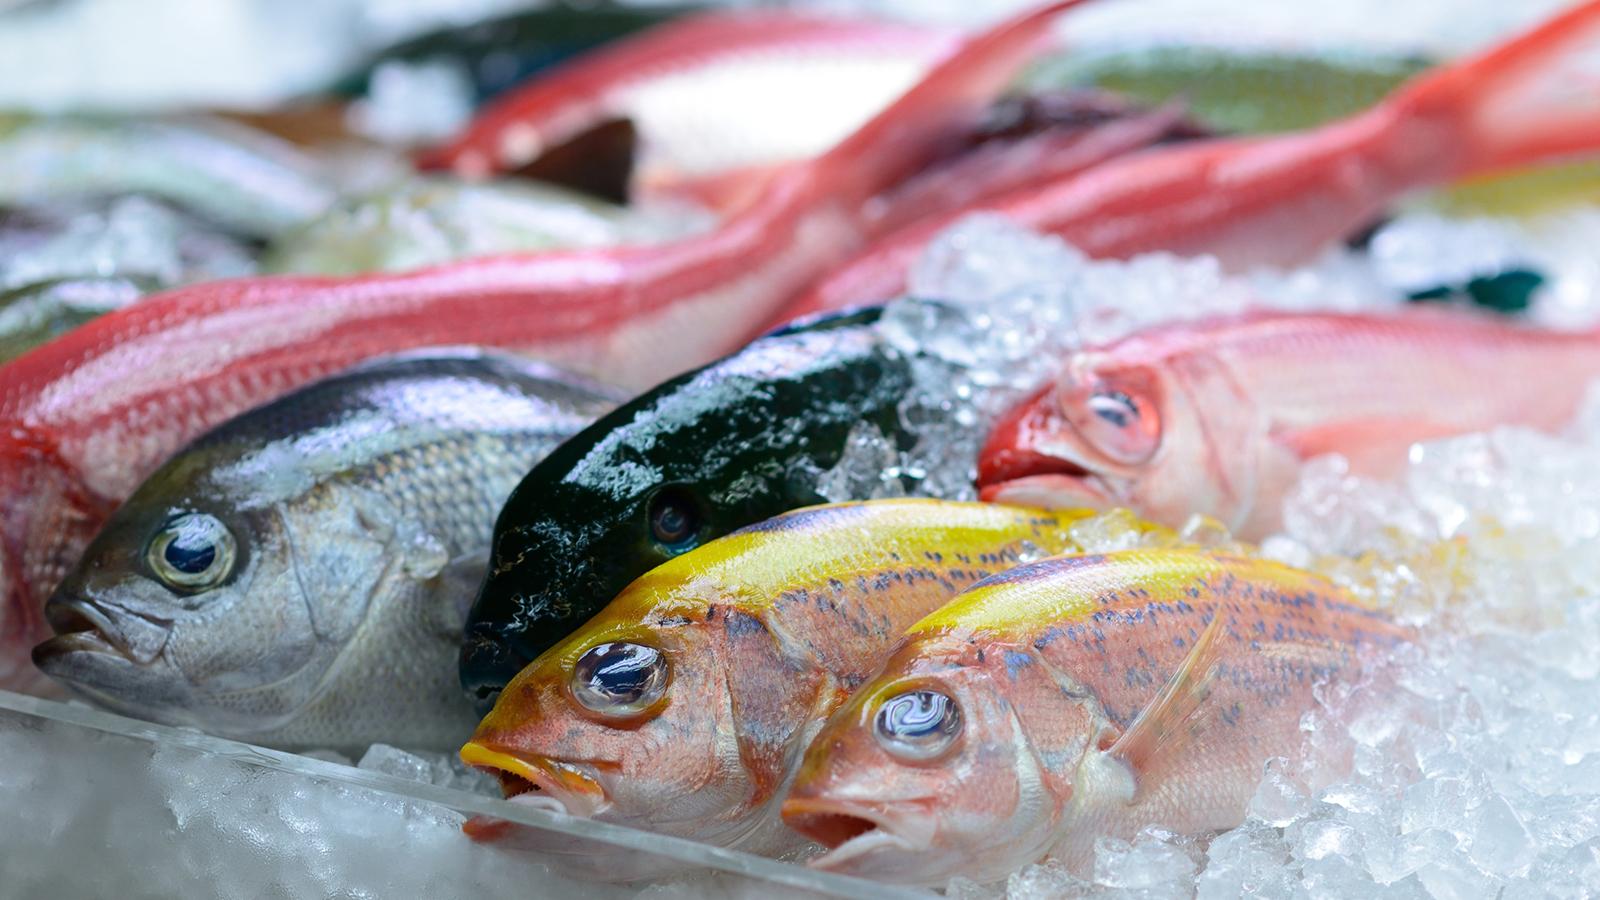 糖質制限中に魚は食べても大丈夫?気になる魚の糖質量と注意点とは?